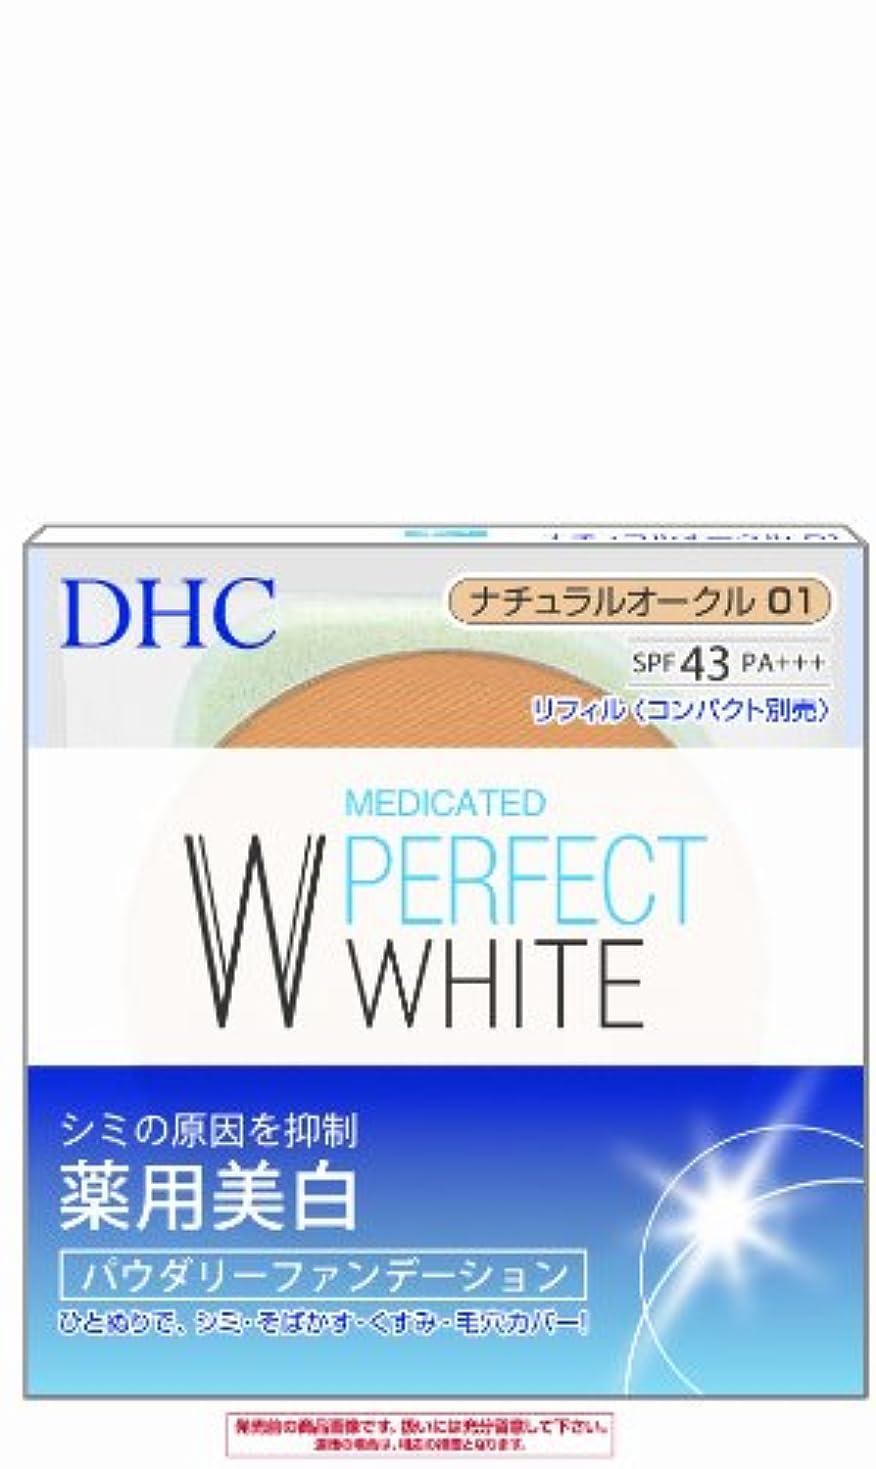 パブ寛解面白いDHC薬用PWパウダリーファンデNO01 10g